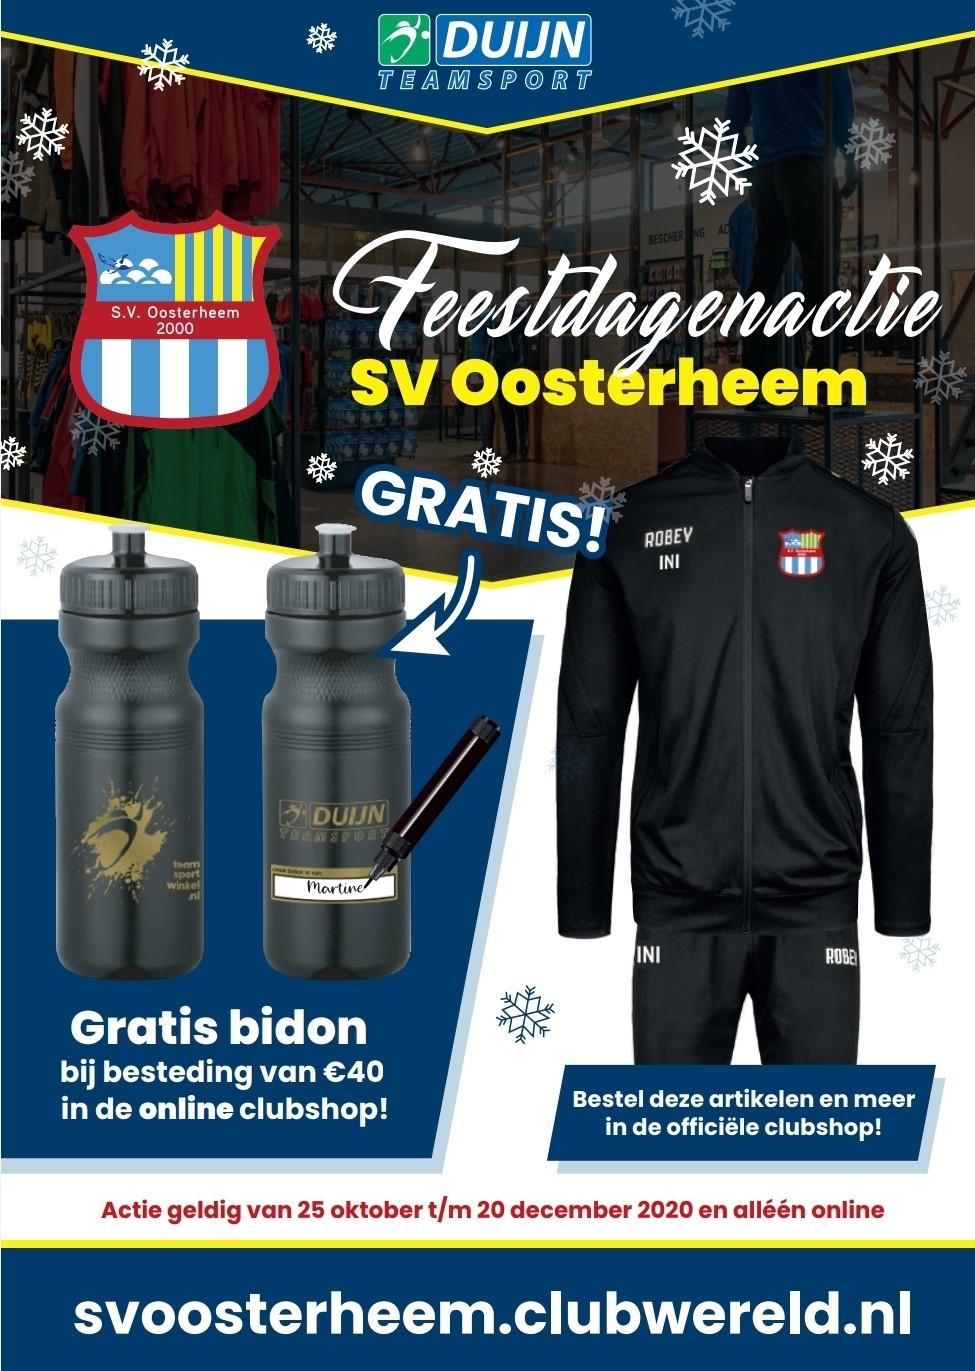 Feestdagenactie 2020 Duijn Teamsport en SV Oosterheem